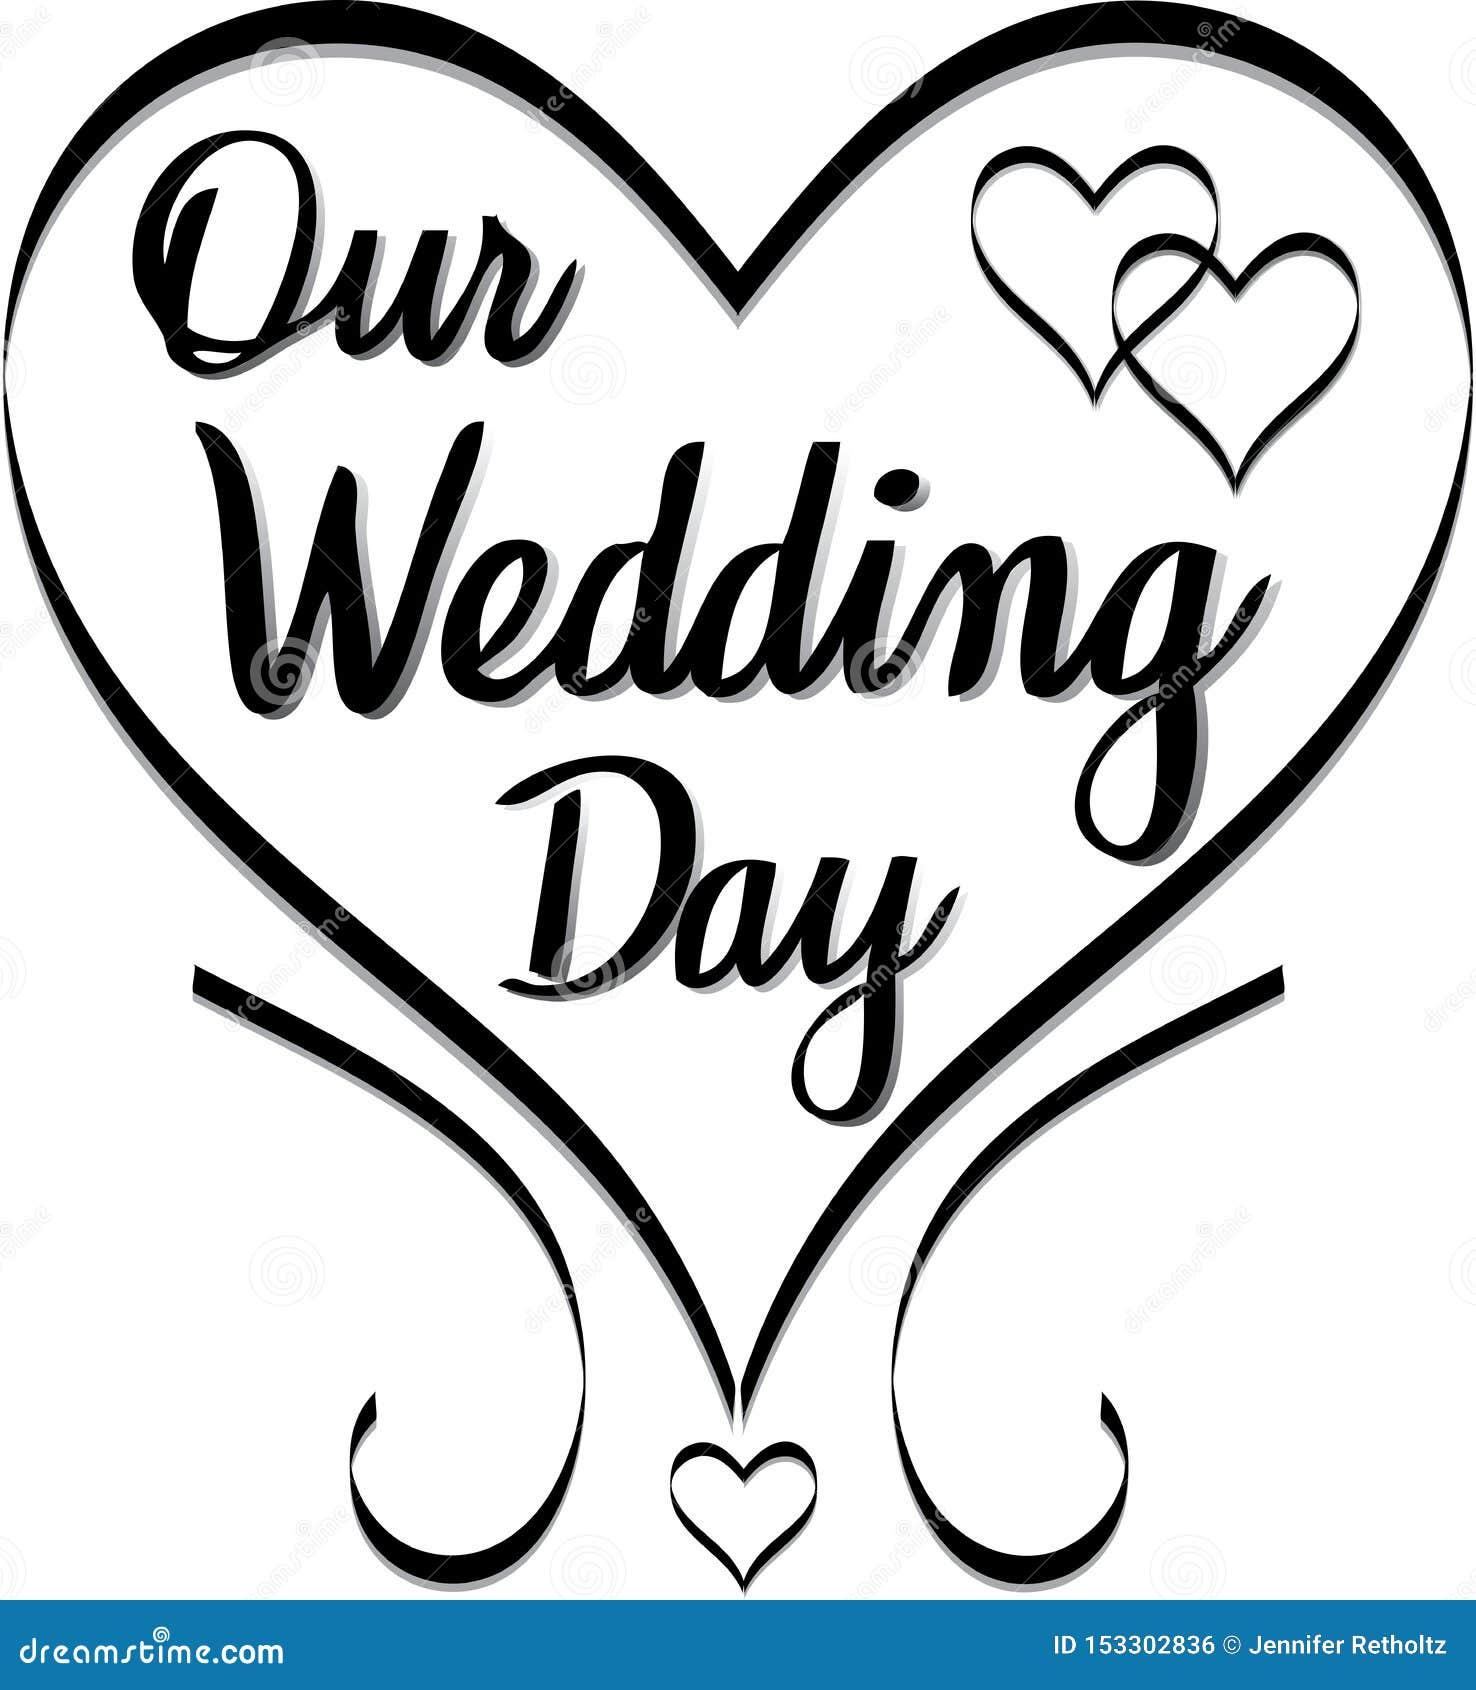 Our Wedding Day Wedding Clip Art Stock Vector